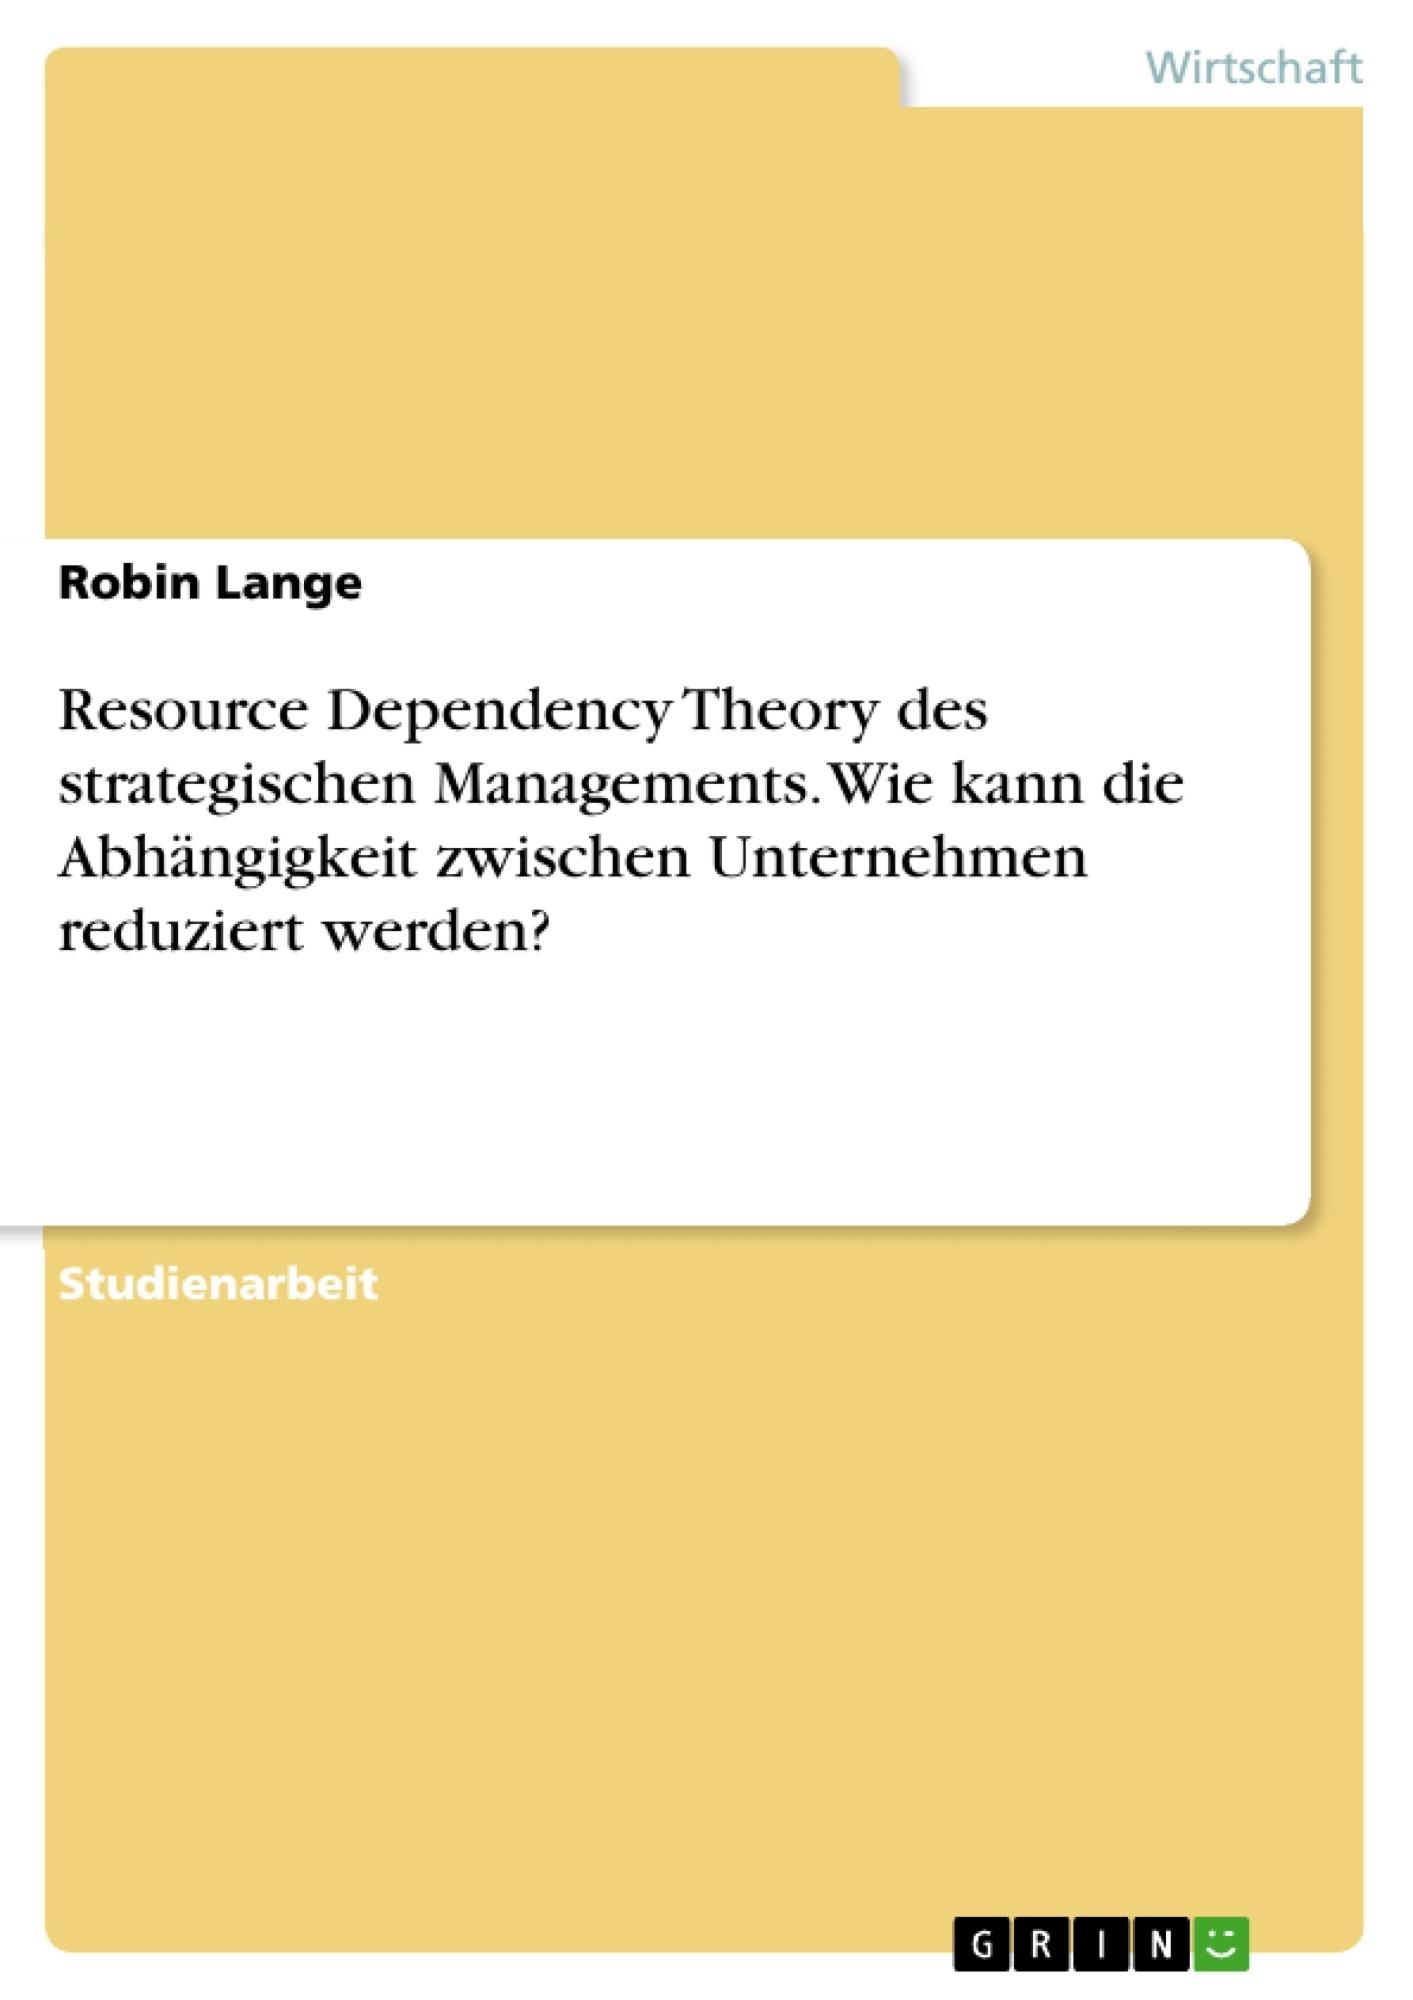 Titel: Resource Dependency Theory des strategischen Managements. Wie kann die Abhängigkeit zwischen Unternehmen reduziert werden?